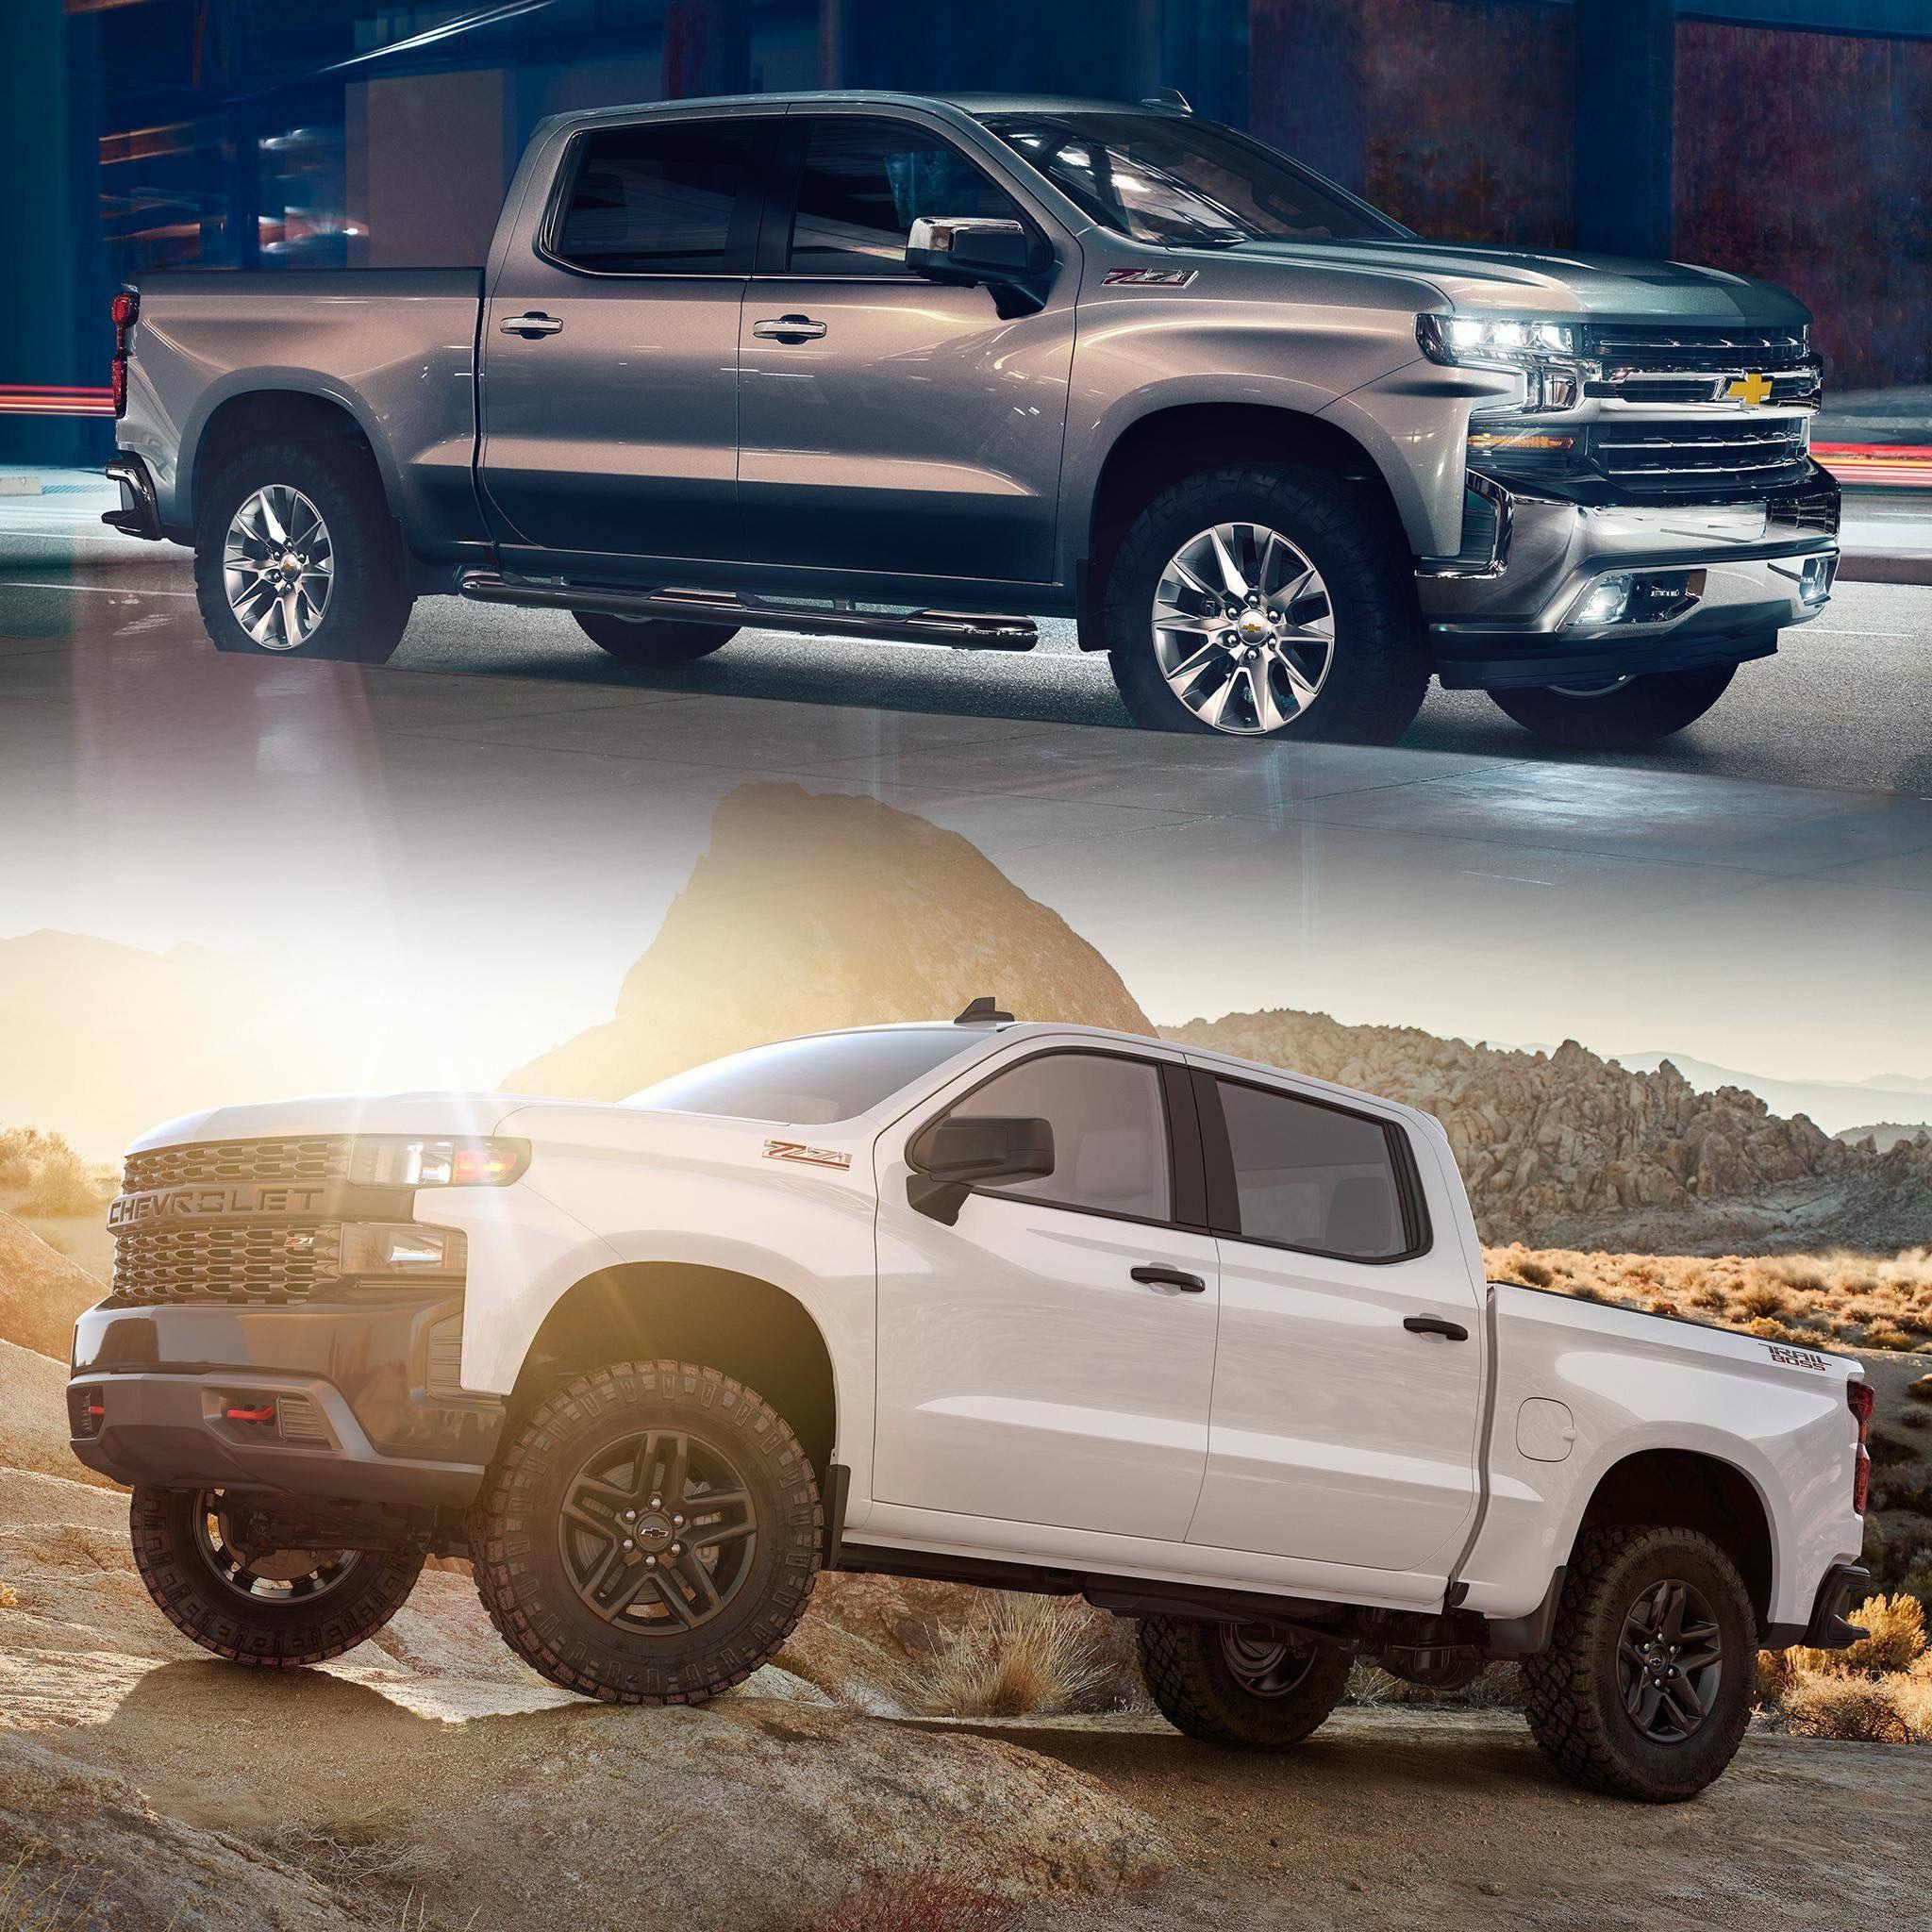 2019 Chevrolet Silverado Truckz Chevrolet Chevy Chevy Trucks